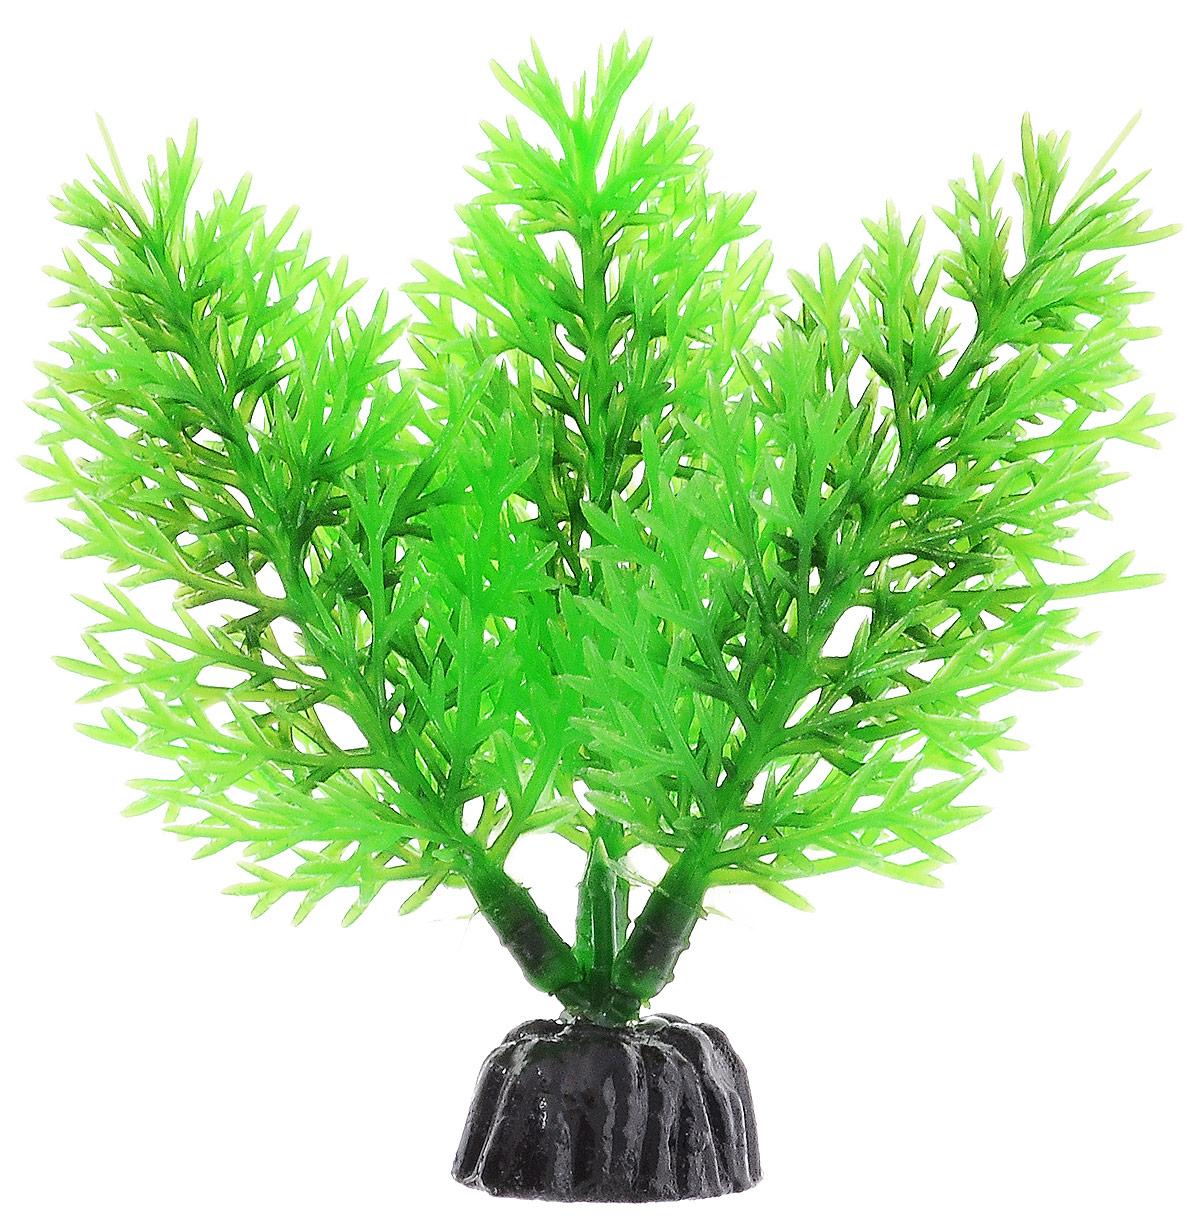 Растение для аквариума Barbus Роголистник, пластиковое, цвет: зеленый, высота 10 см растение для аквариума barbus роголистник пластиковое цвет зеленый высота 50 см